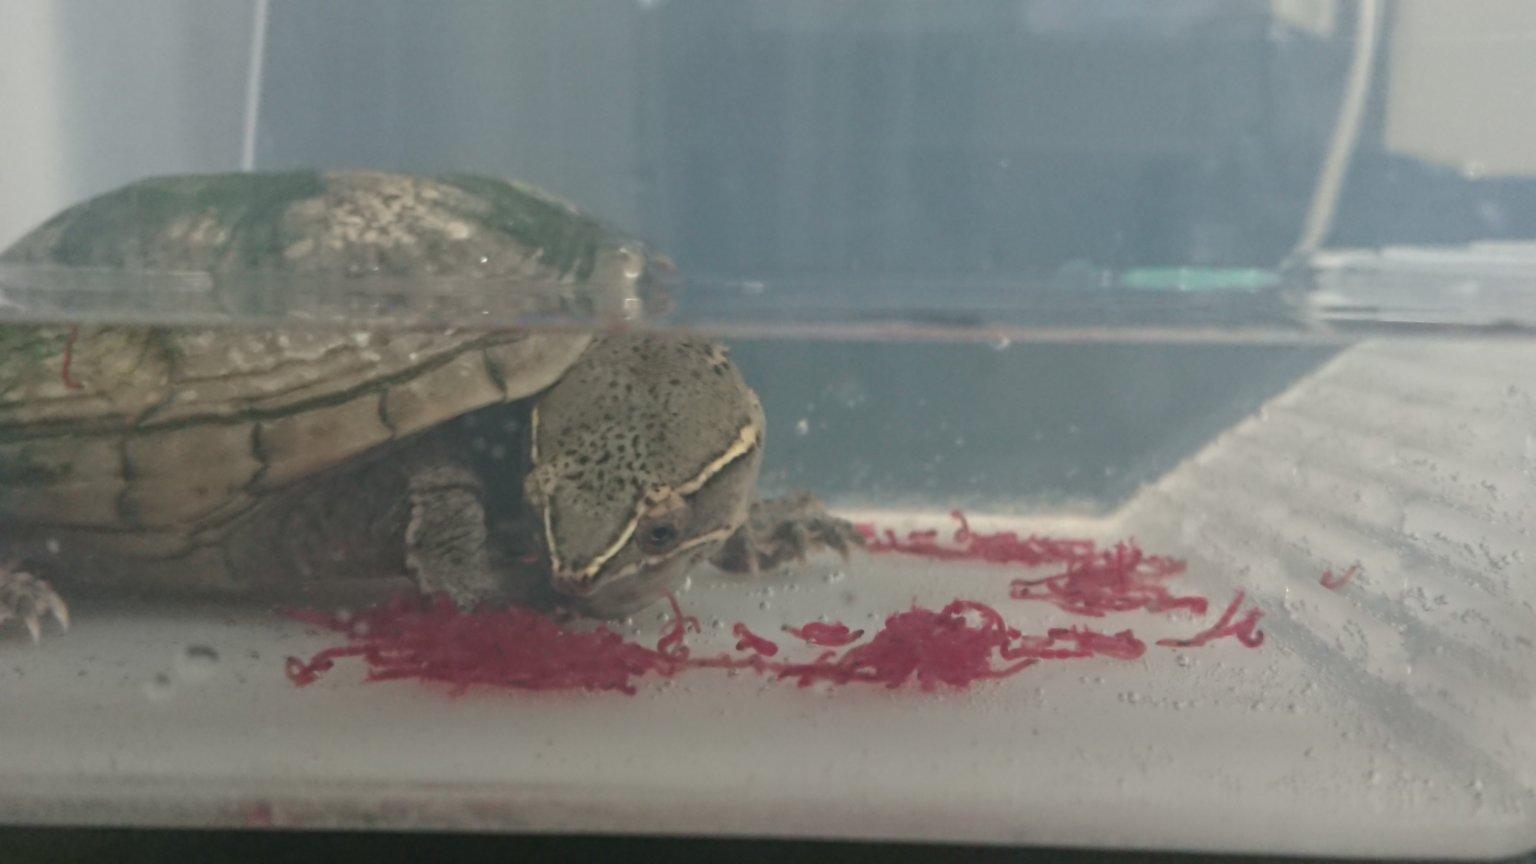 我が家のカメ(ミシシッピーニオイガメ)の好物「冷凍赤虫」